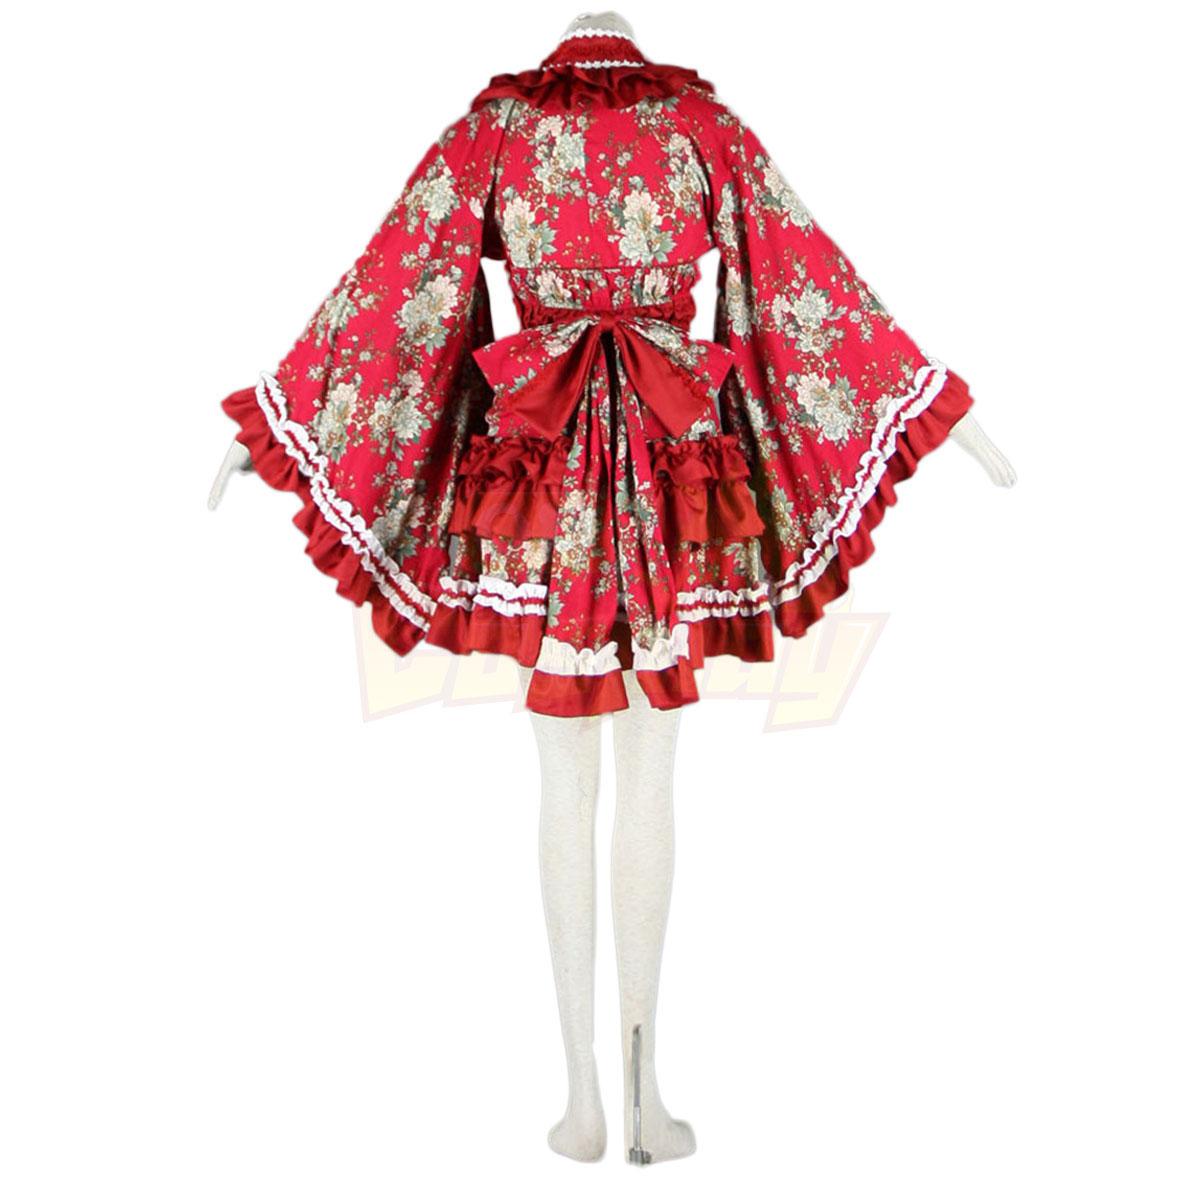 호화로운 로리타 문화 빨간 의류 타이어 기모노 짧은 드레스 코스프레 의상